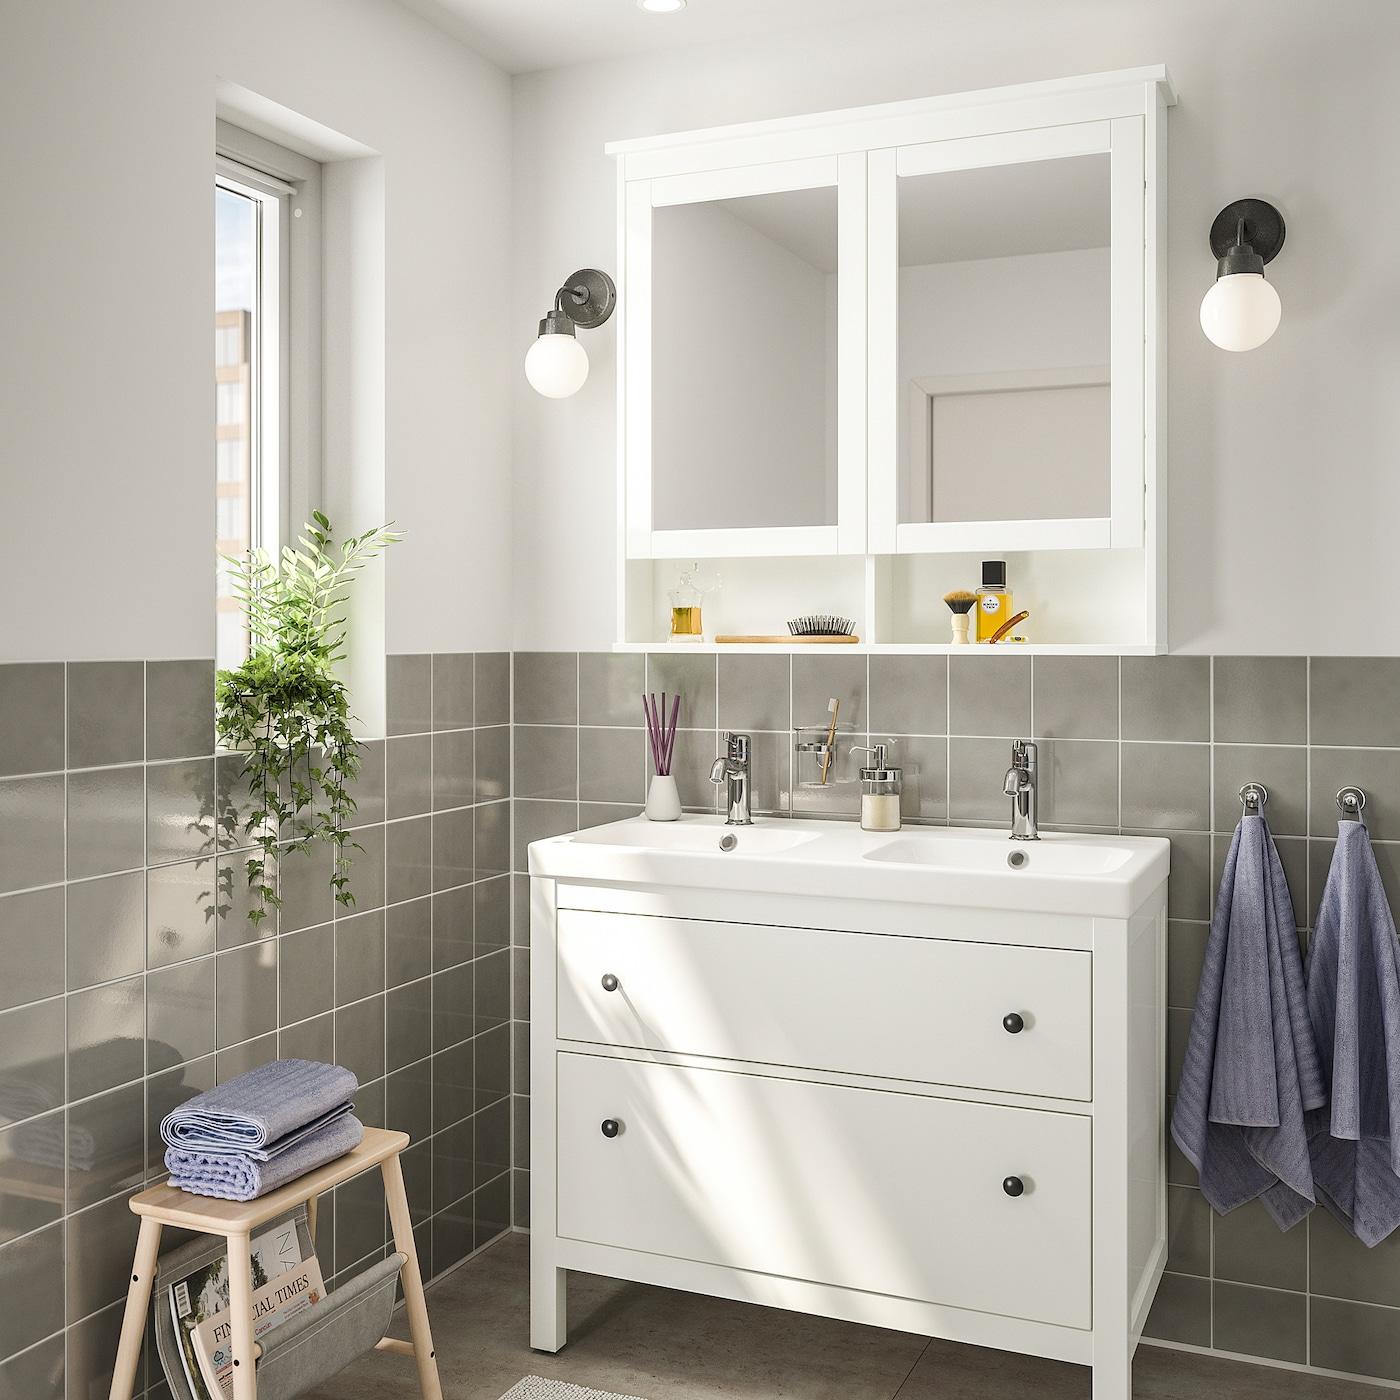 HEMNES / ODENSVIK Bathroom furniture, set of 9 - white, Voxnan tap 9 cm